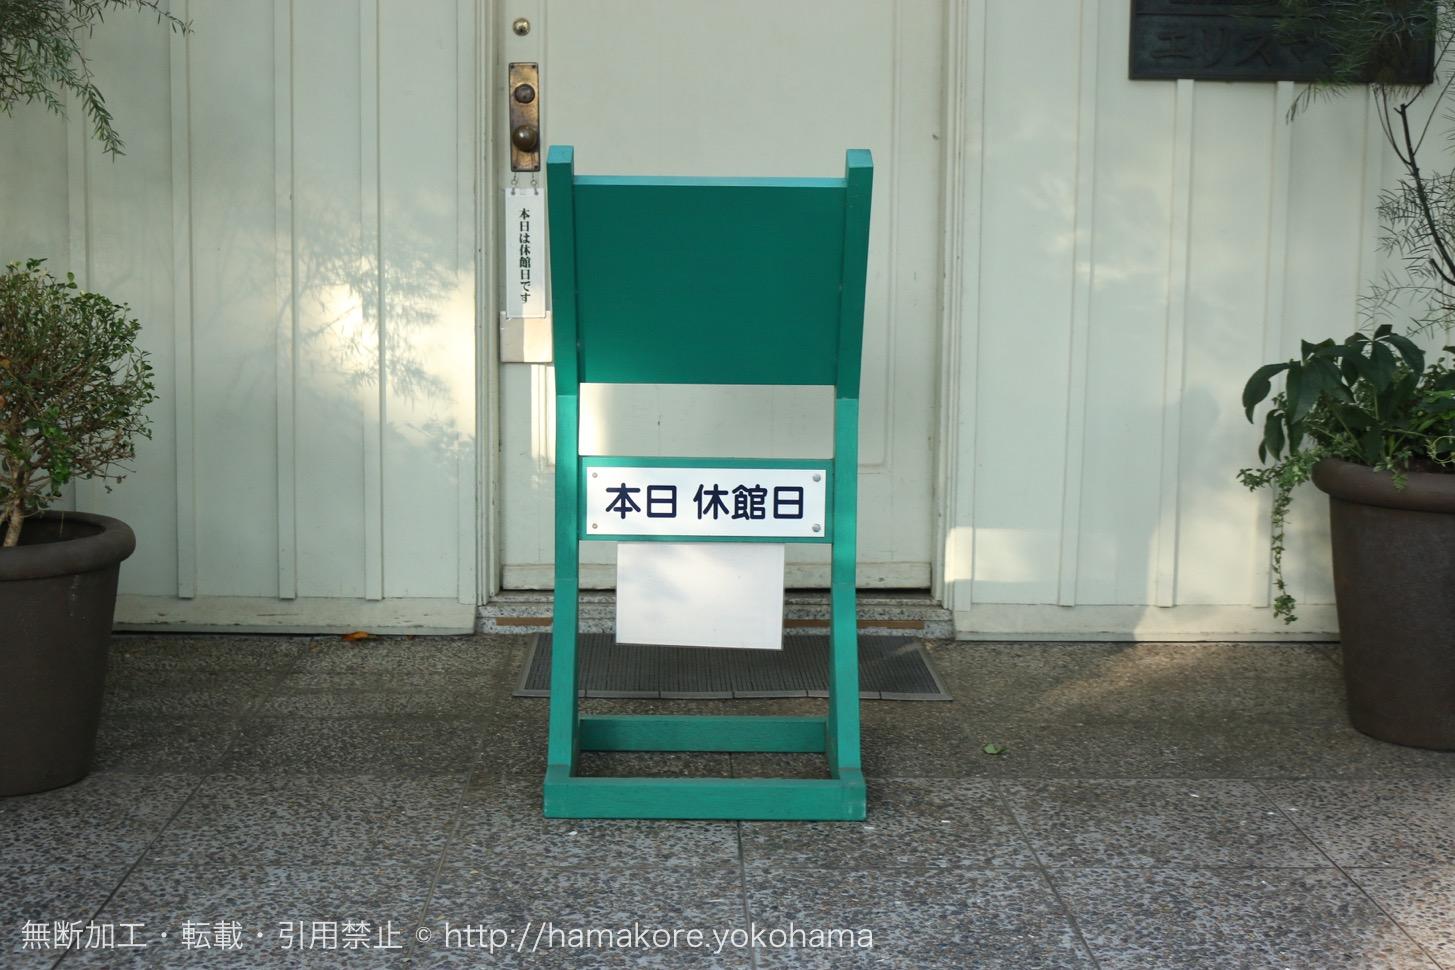 横浜・山手で西洋館めぐりをするなら休館日を要確認!特に水曜日